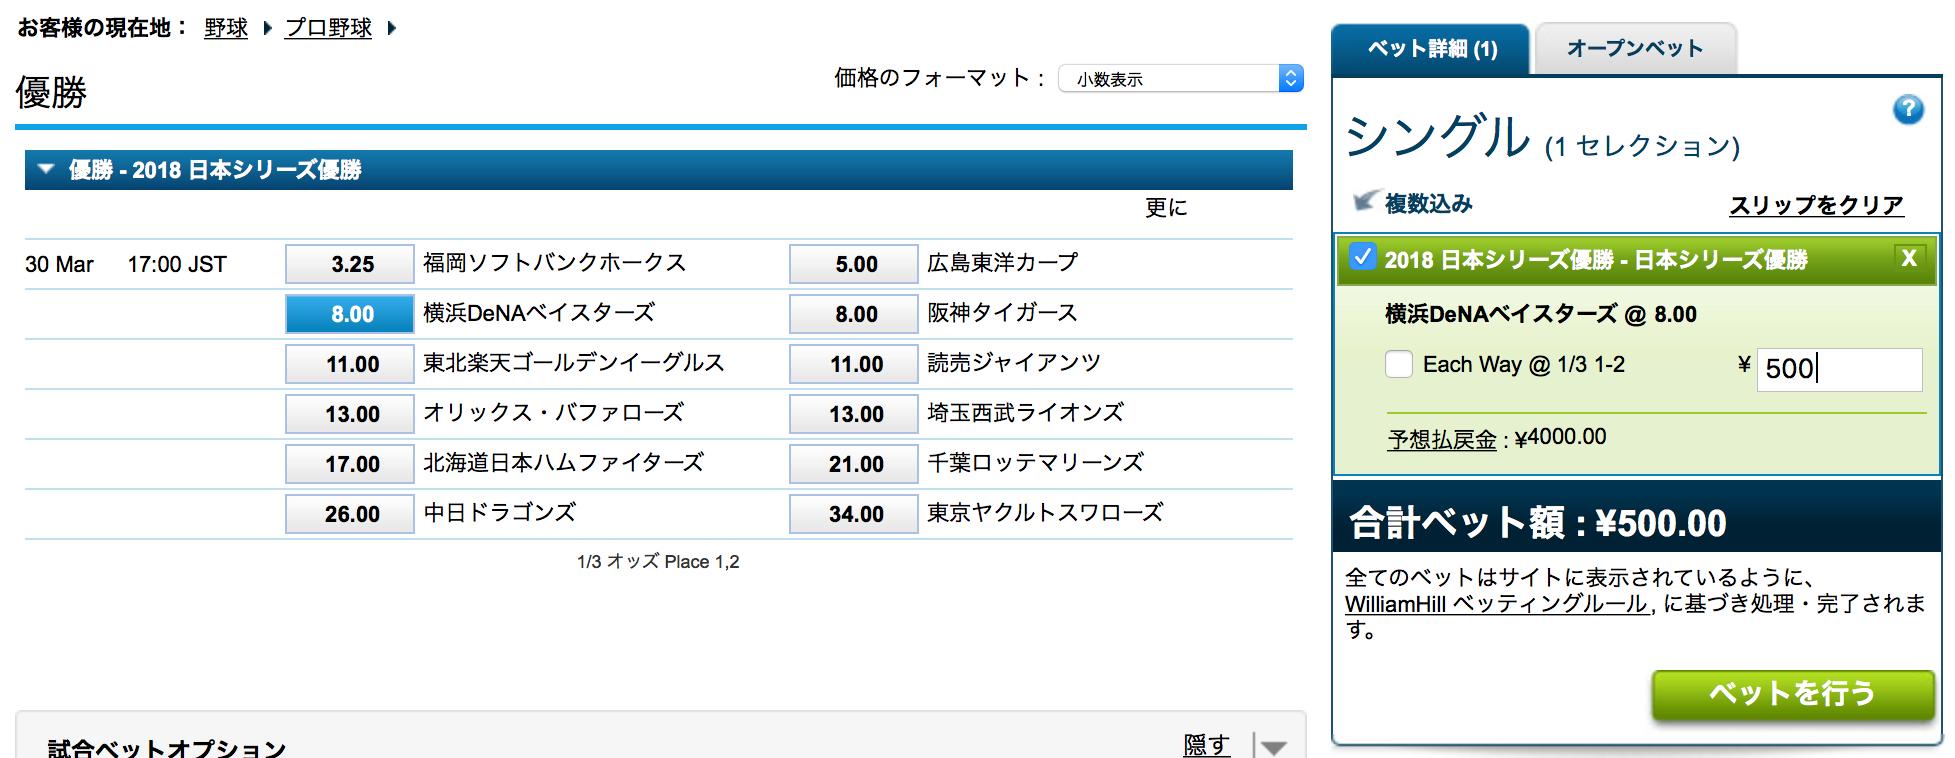 横浜DeNAベイスターズの優勝にベット2